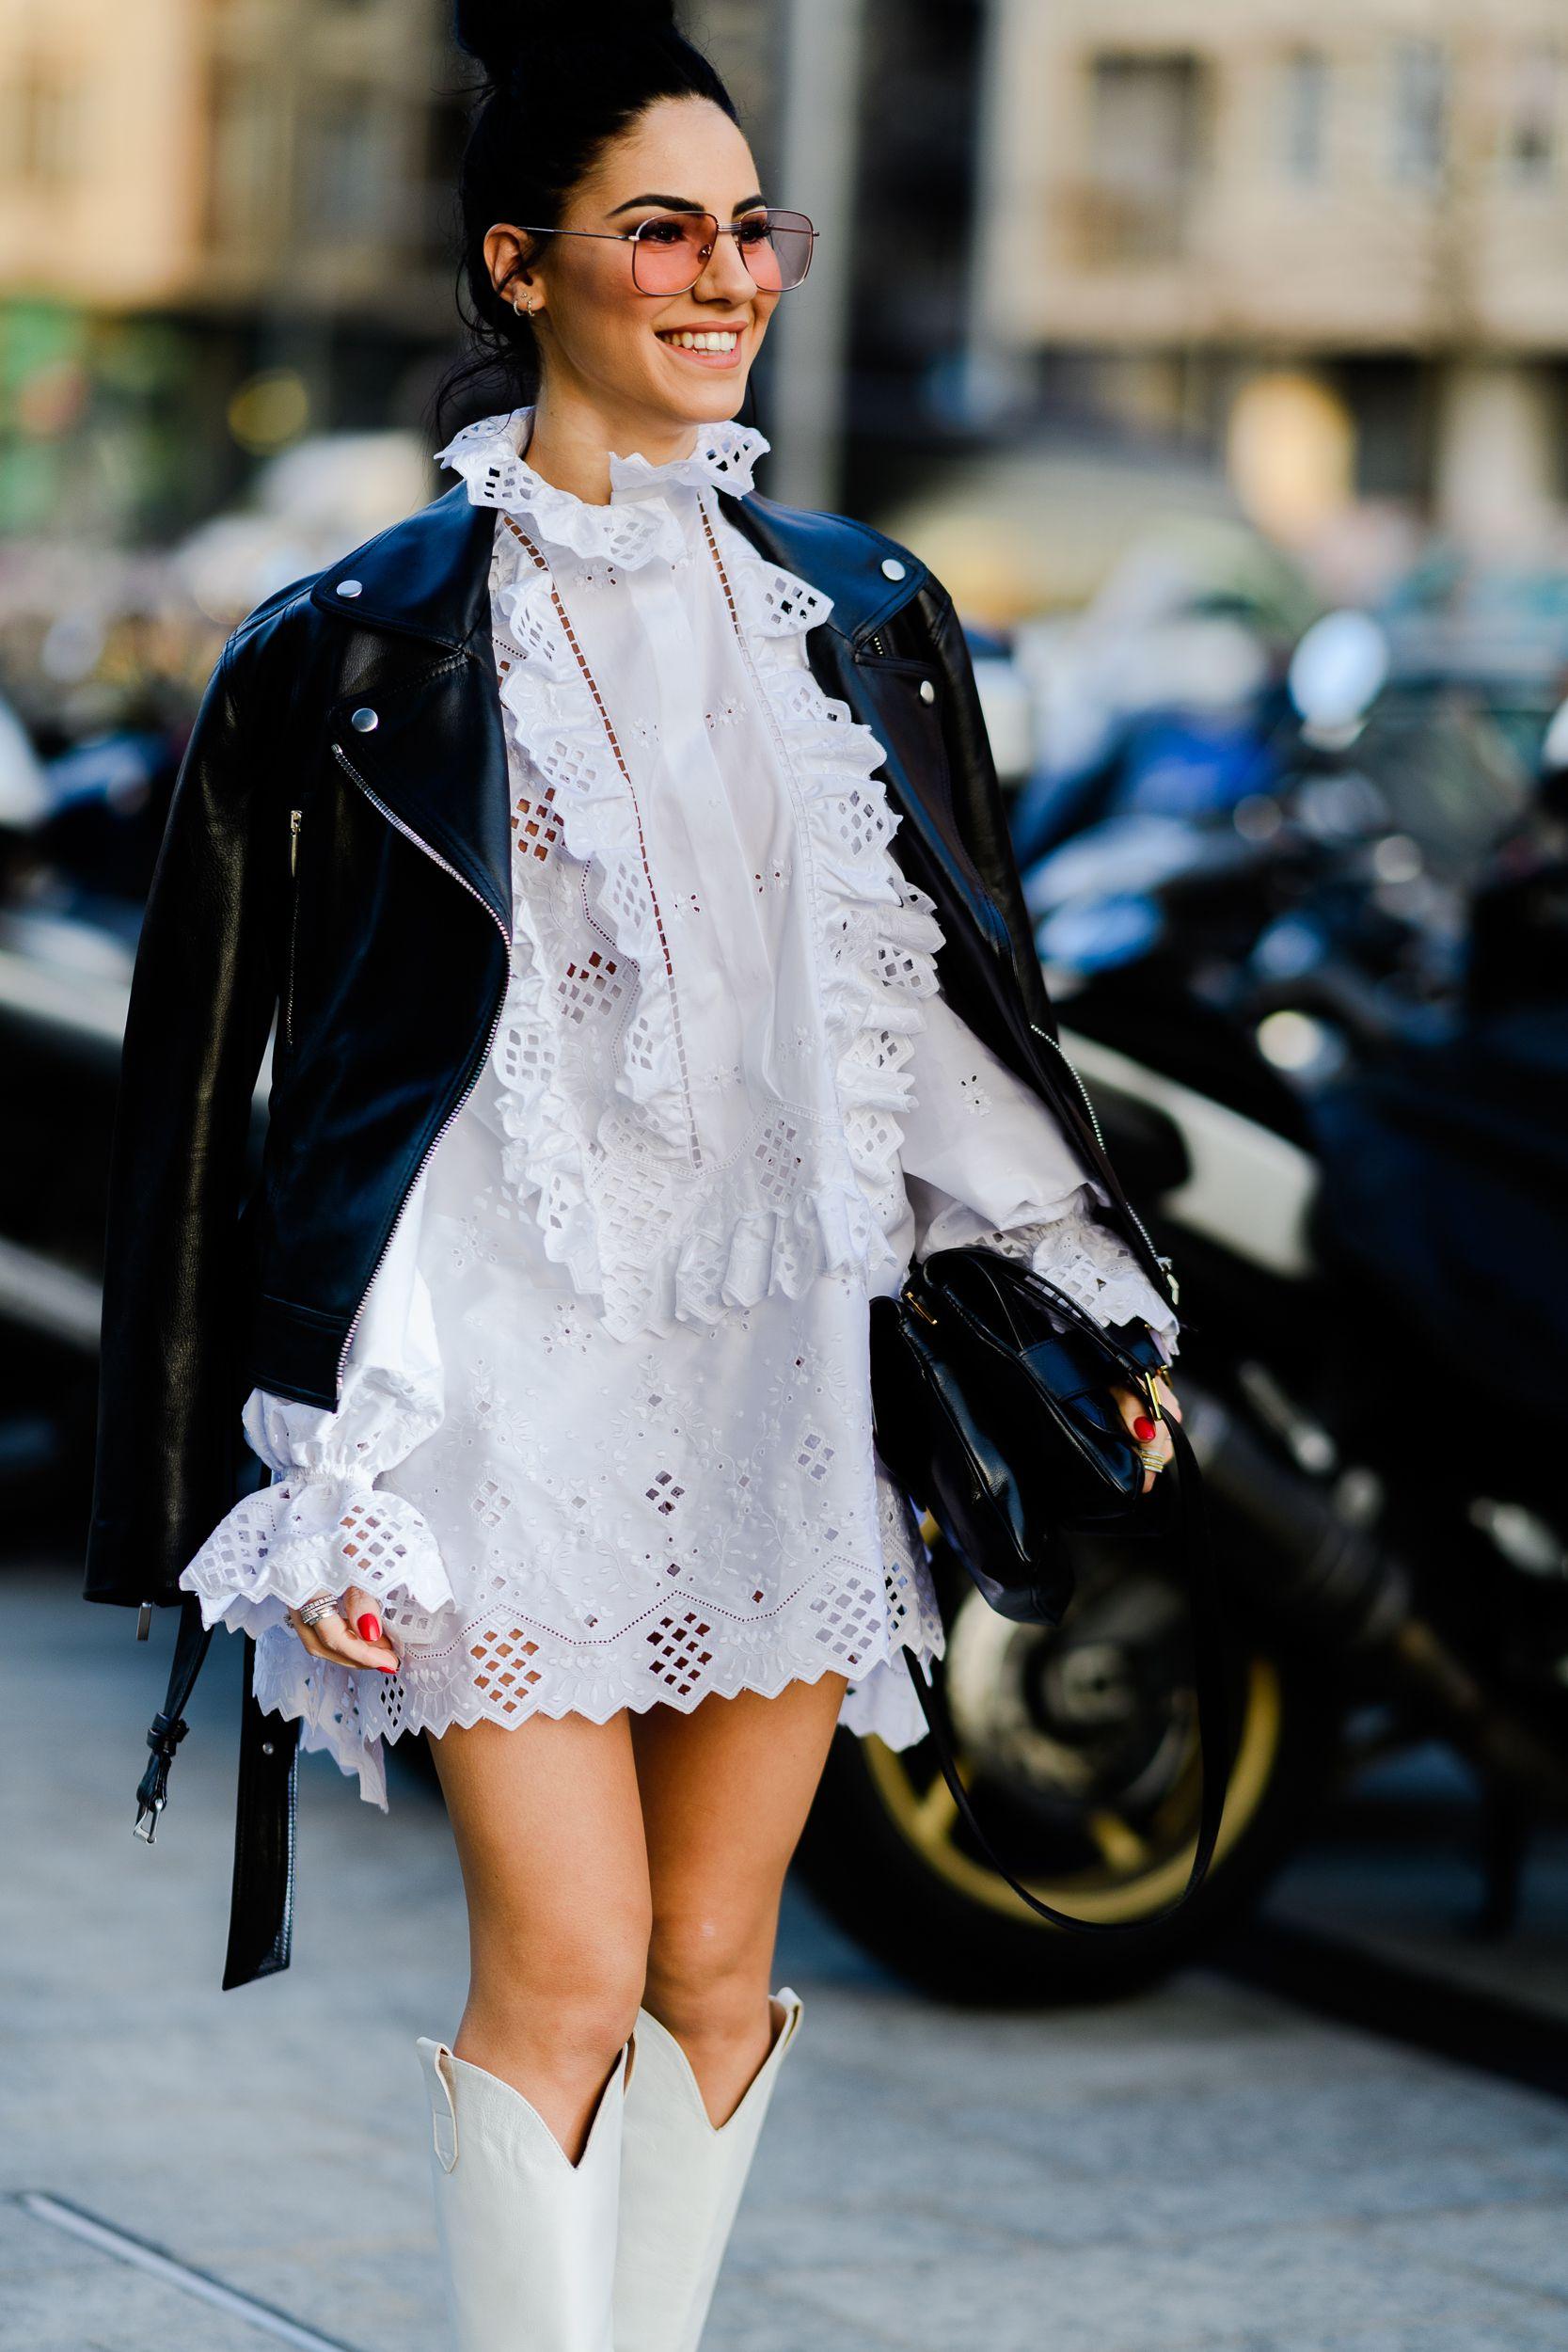 """xu hướng thời trang đường phố hứa hẹn sẽ """"khuấy động"""" làng mốt 30"""